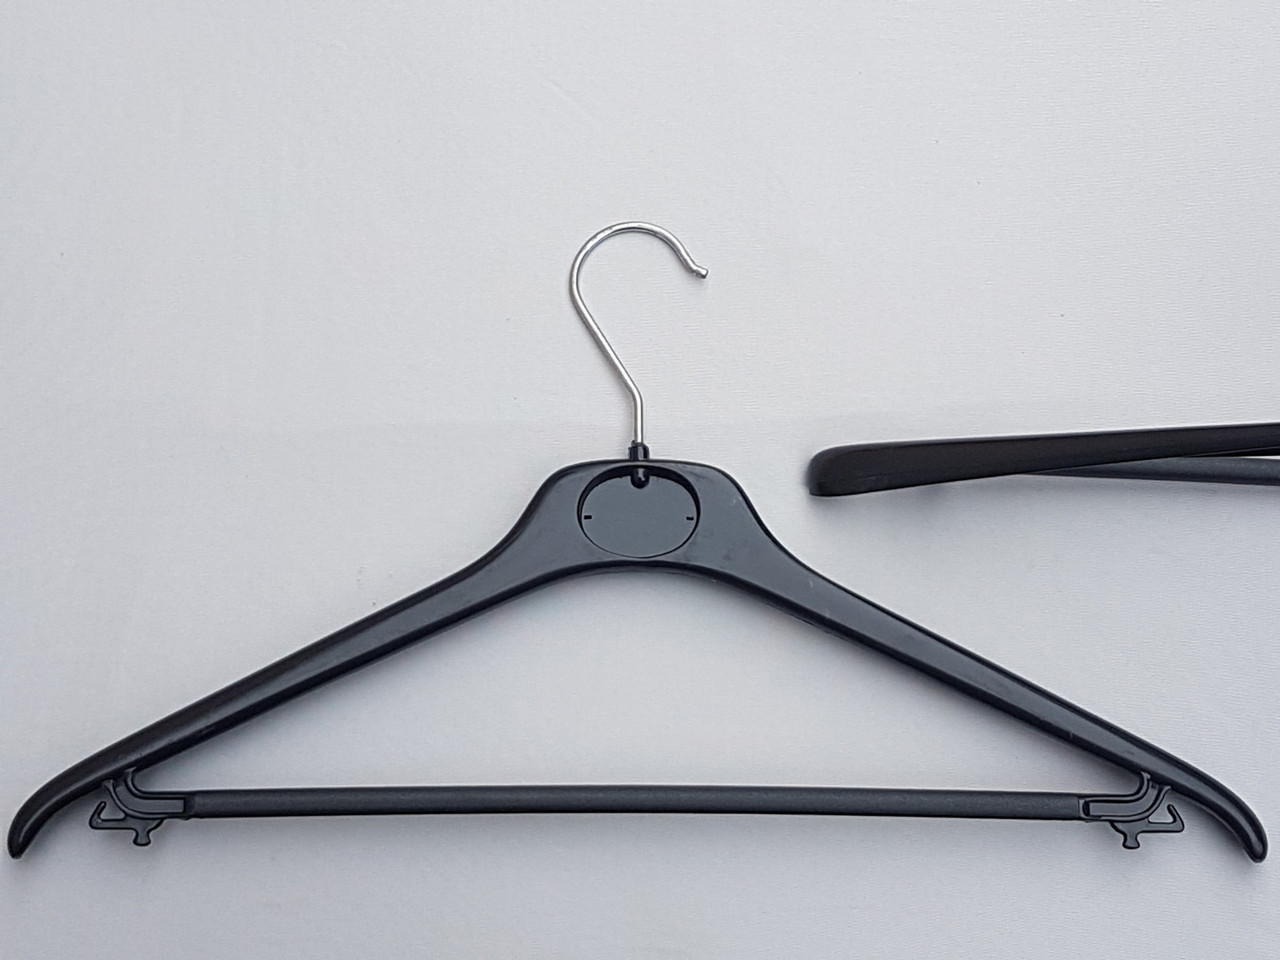 Длина 45 см. Плечики вешалки пластмассовые Mainetti S-5 черные